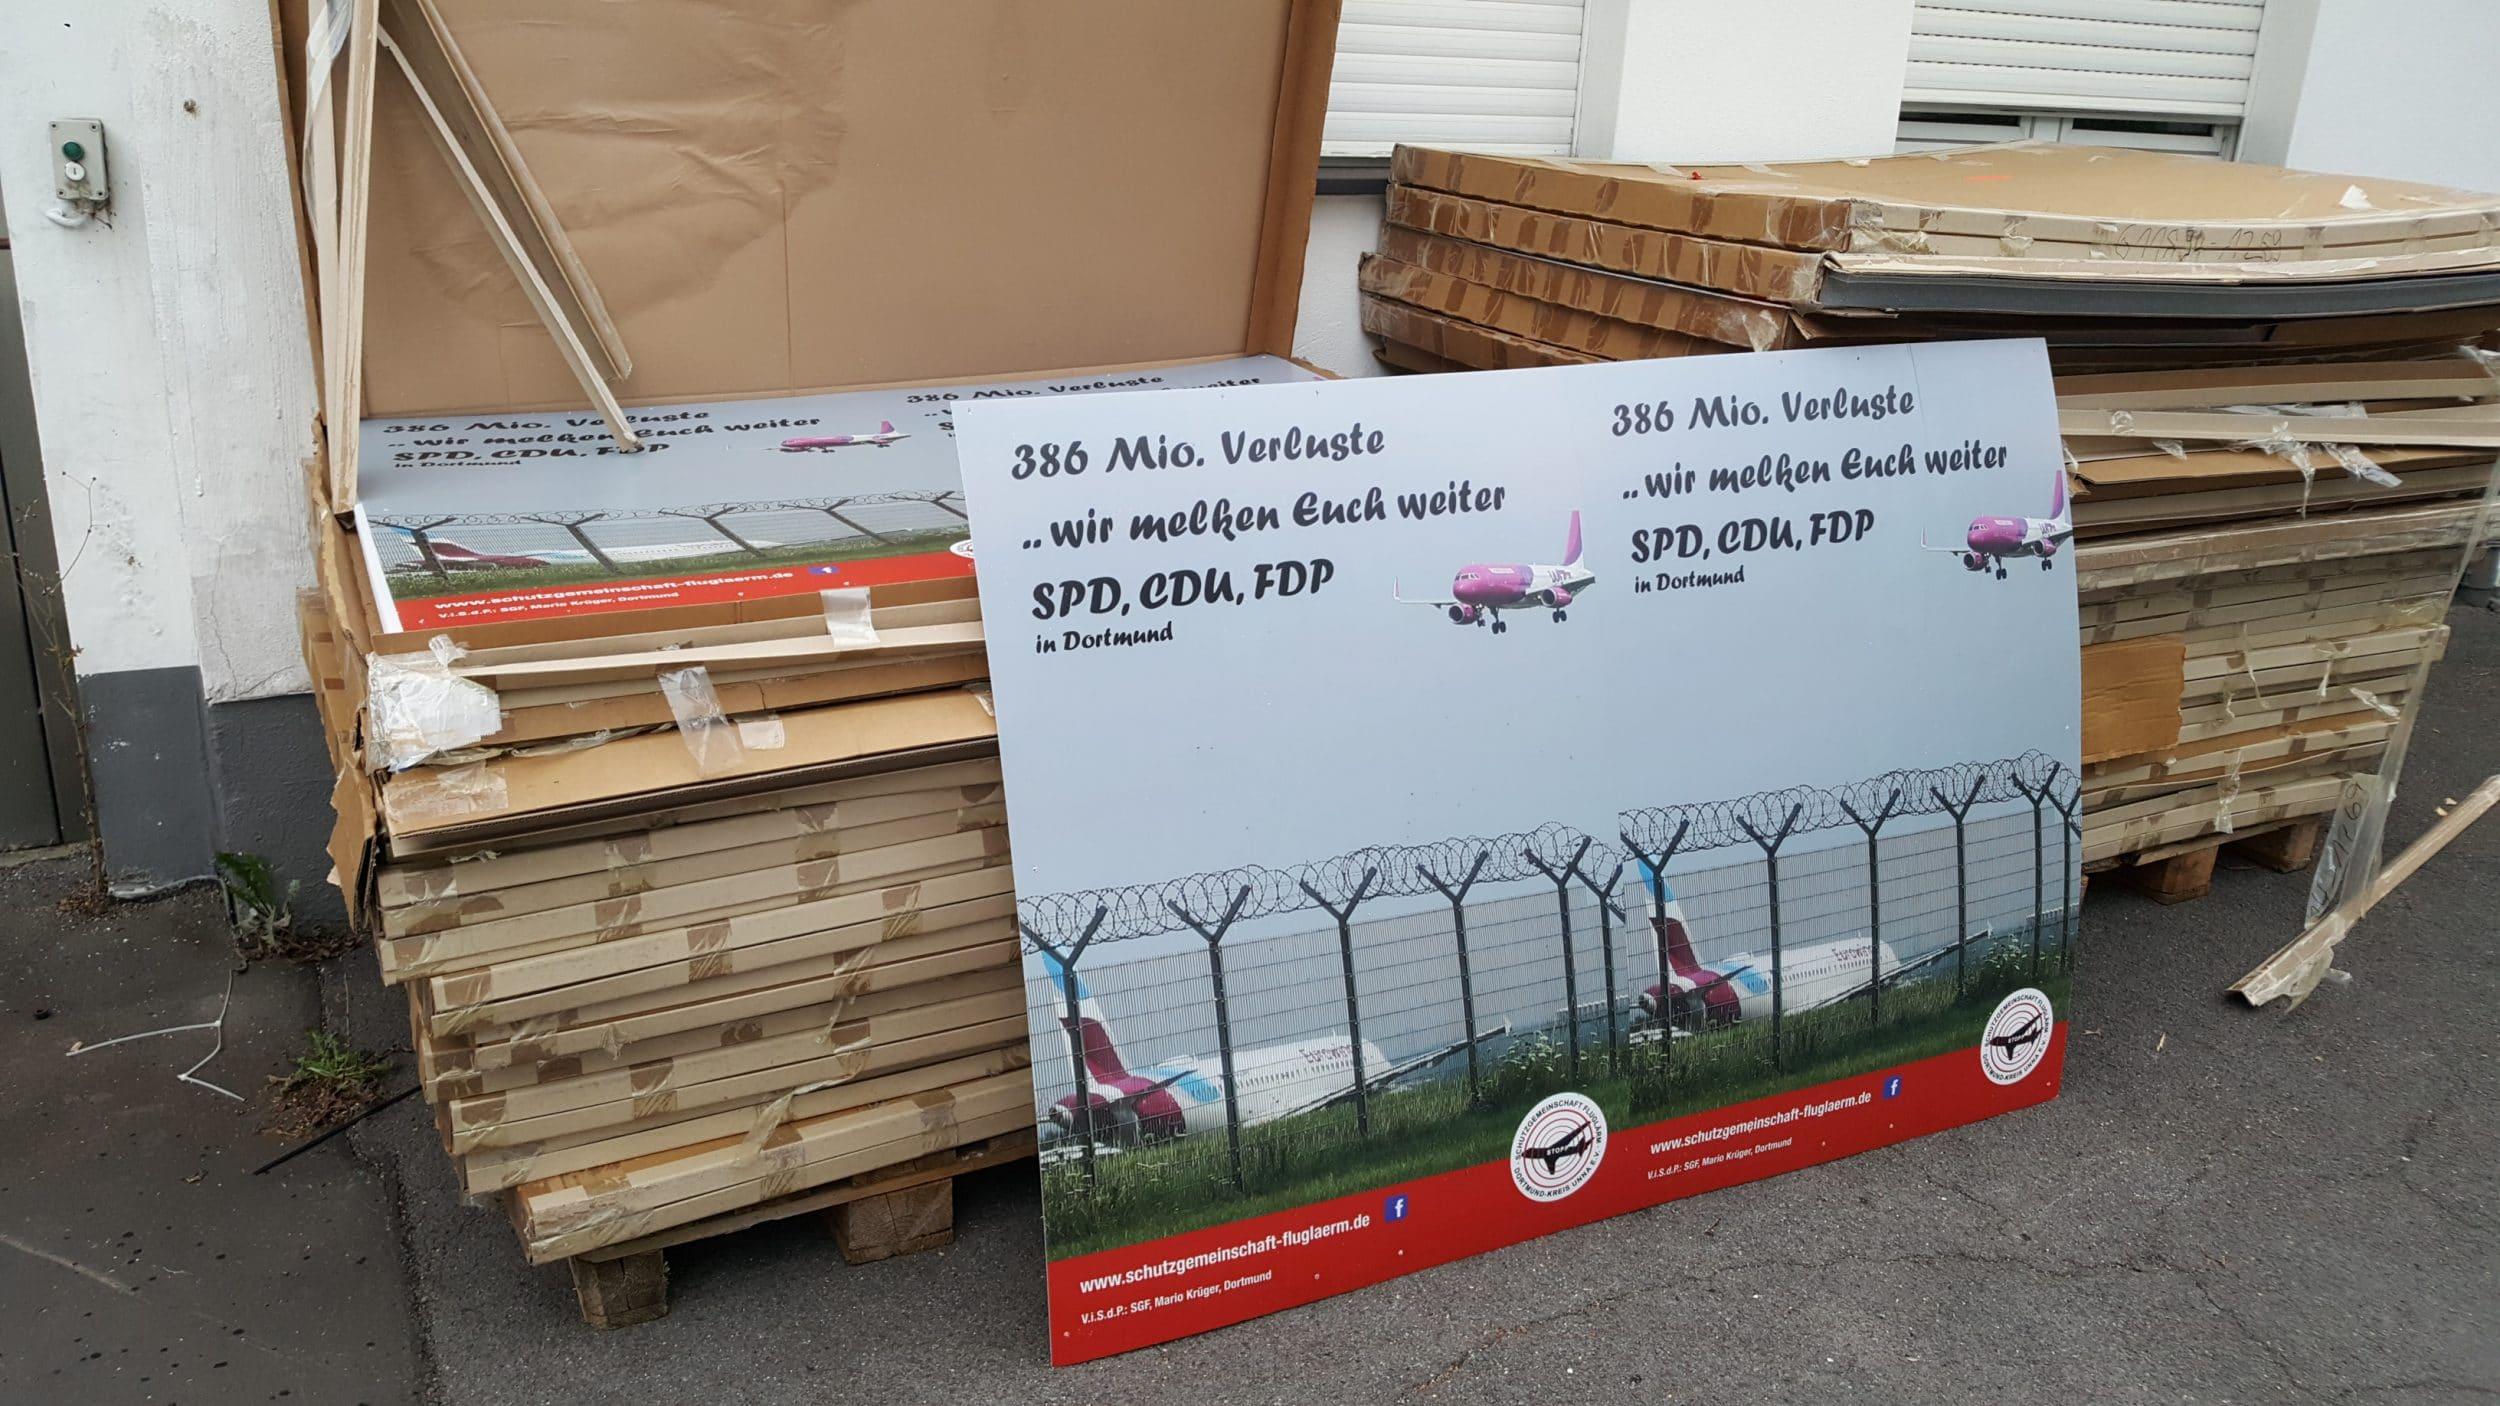 Die Stadt Dortmund hat der  Schutzgemeinschaft Fluglärm Dortmund – Kreis Unna  keine Sondernutzungserlaubnis zum Aufhängen der Plakate erteilt. (Foto: Rita-Maria Schwalgin)